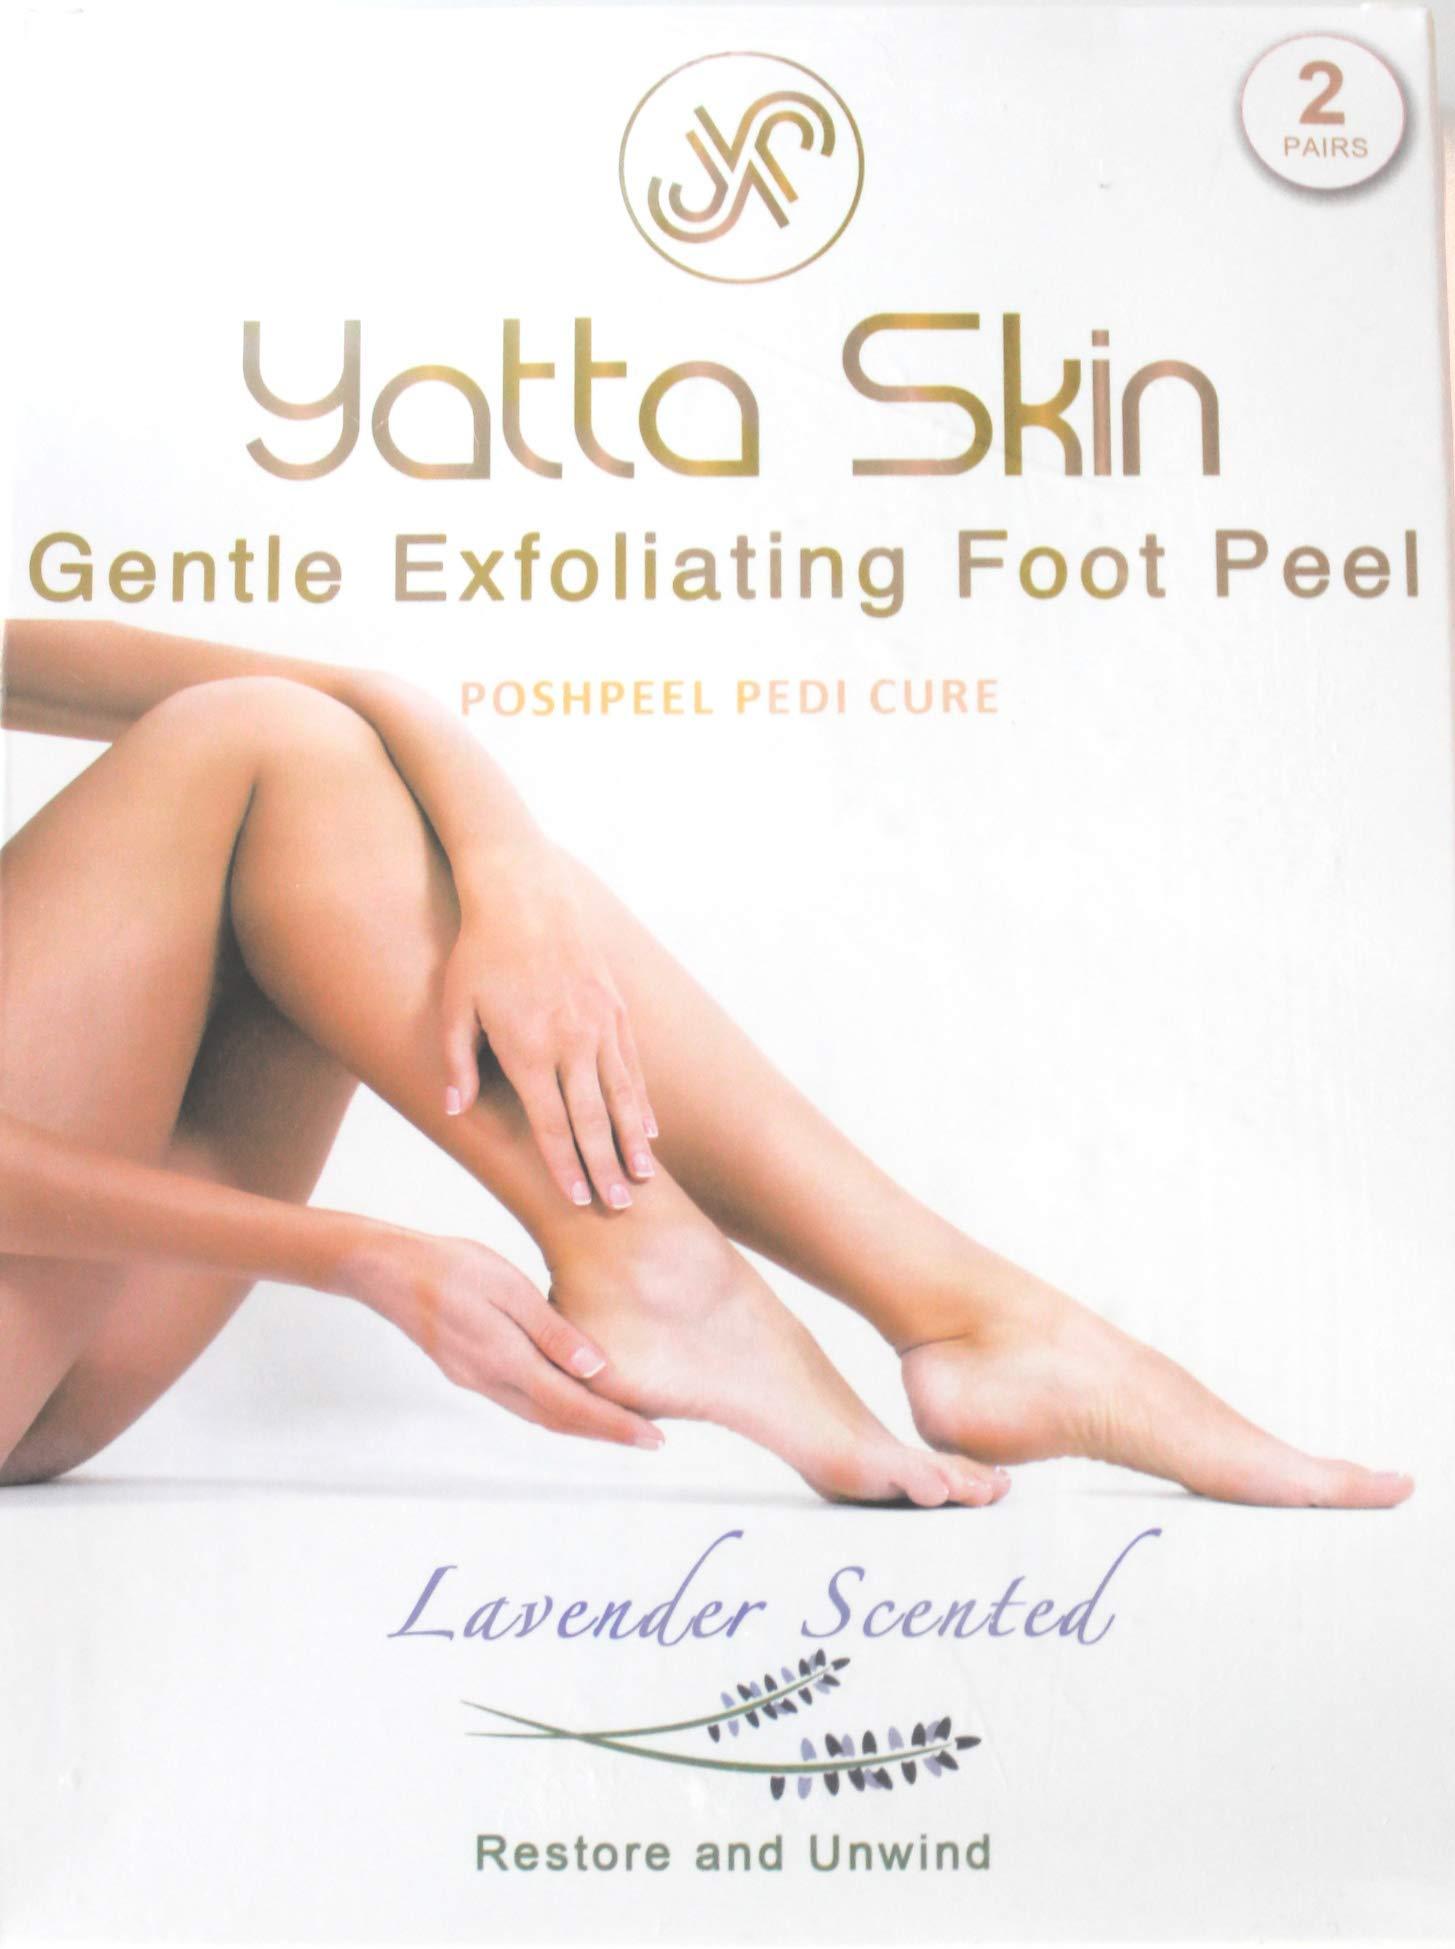 Exfoliant Foot Peel Baby Foot Peel, Lavender Scented, 2.4 fl oz. (2 Pack) by Exfoliant Foot Peel (Yatta Skin)